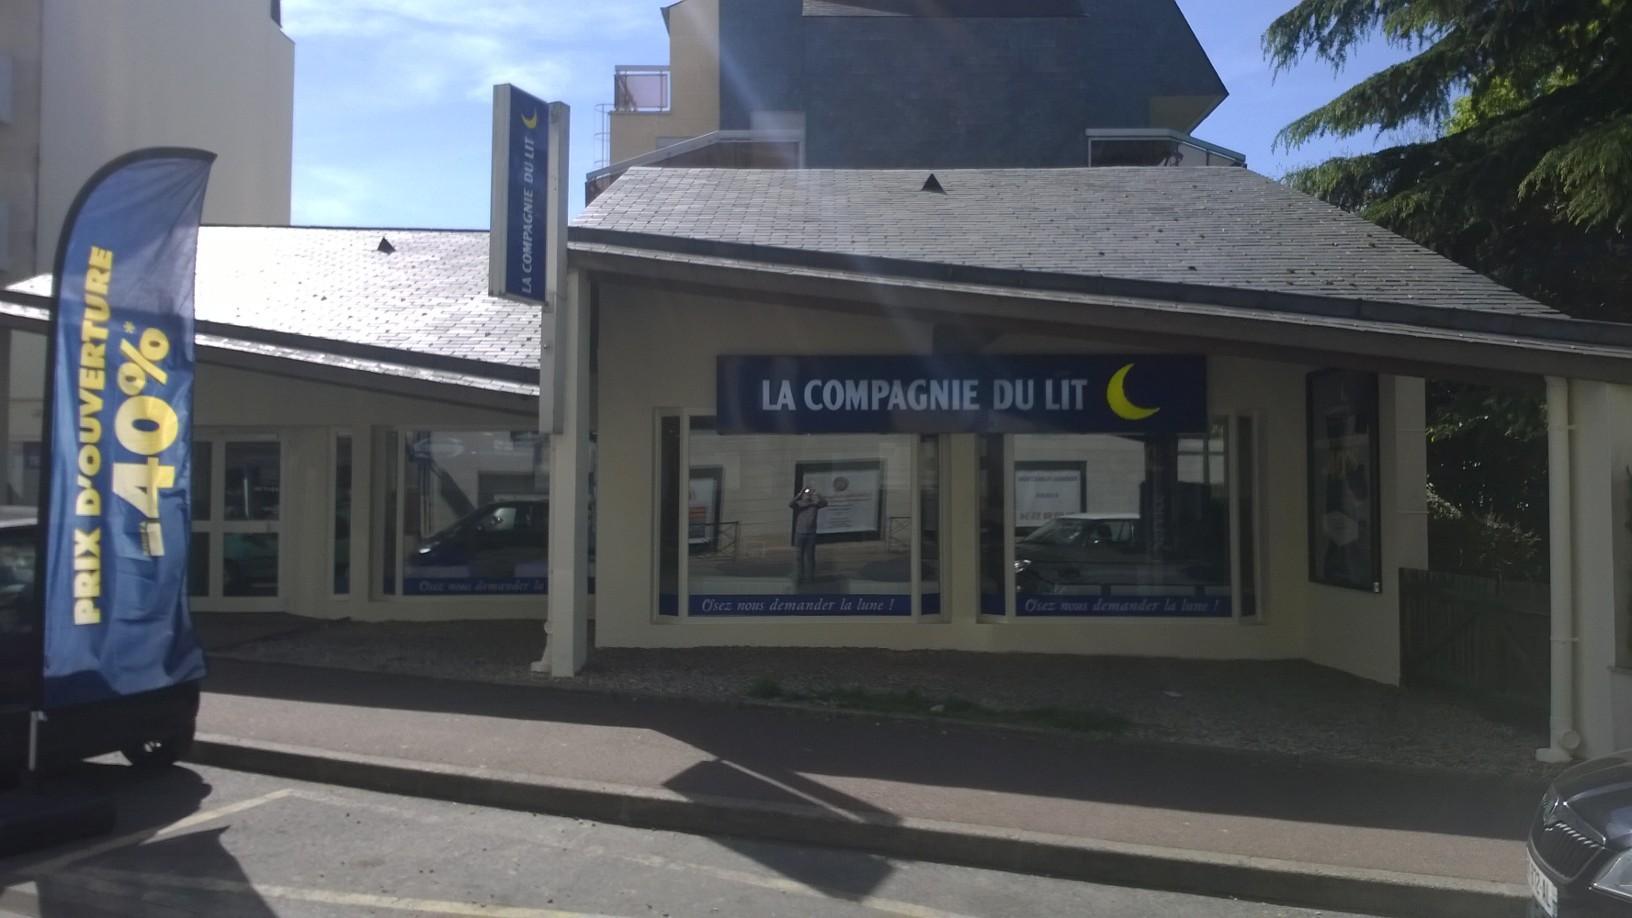 La Compagnie du Lit Nogent-sur-Marne